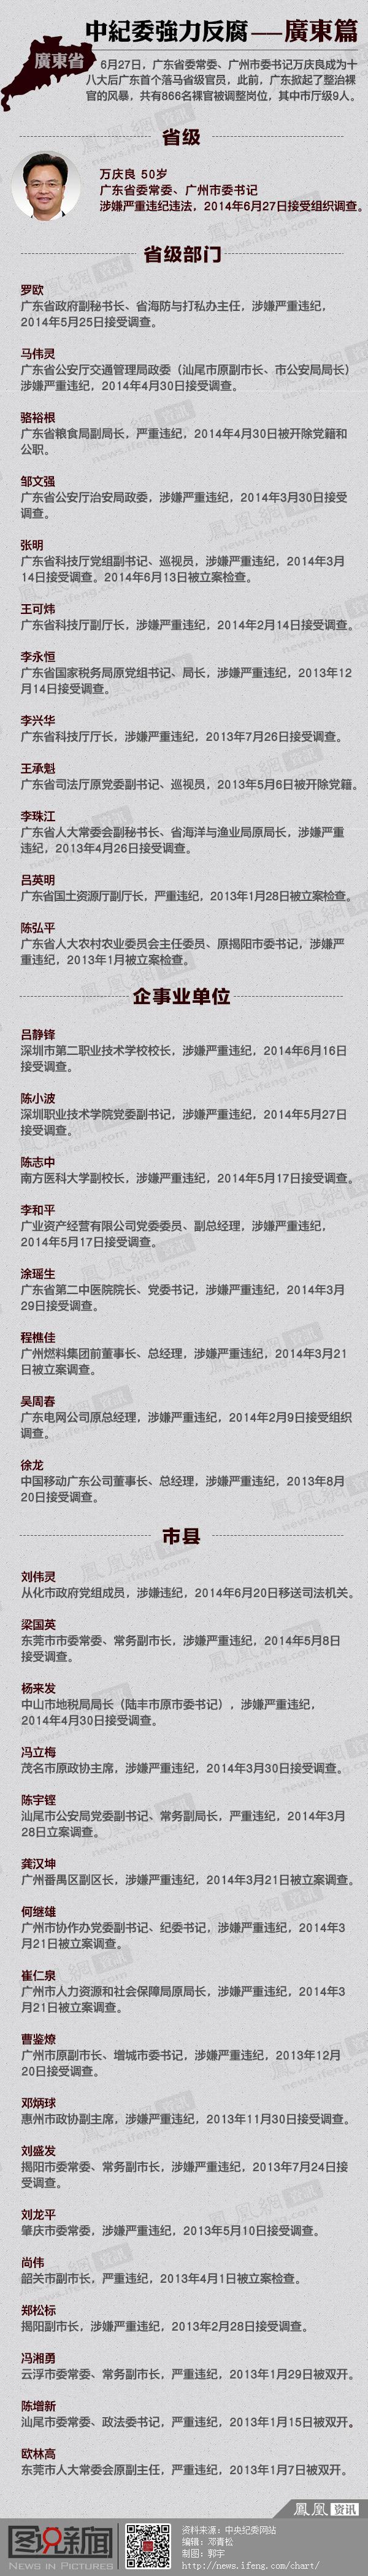 中纪委反腐--广东篇